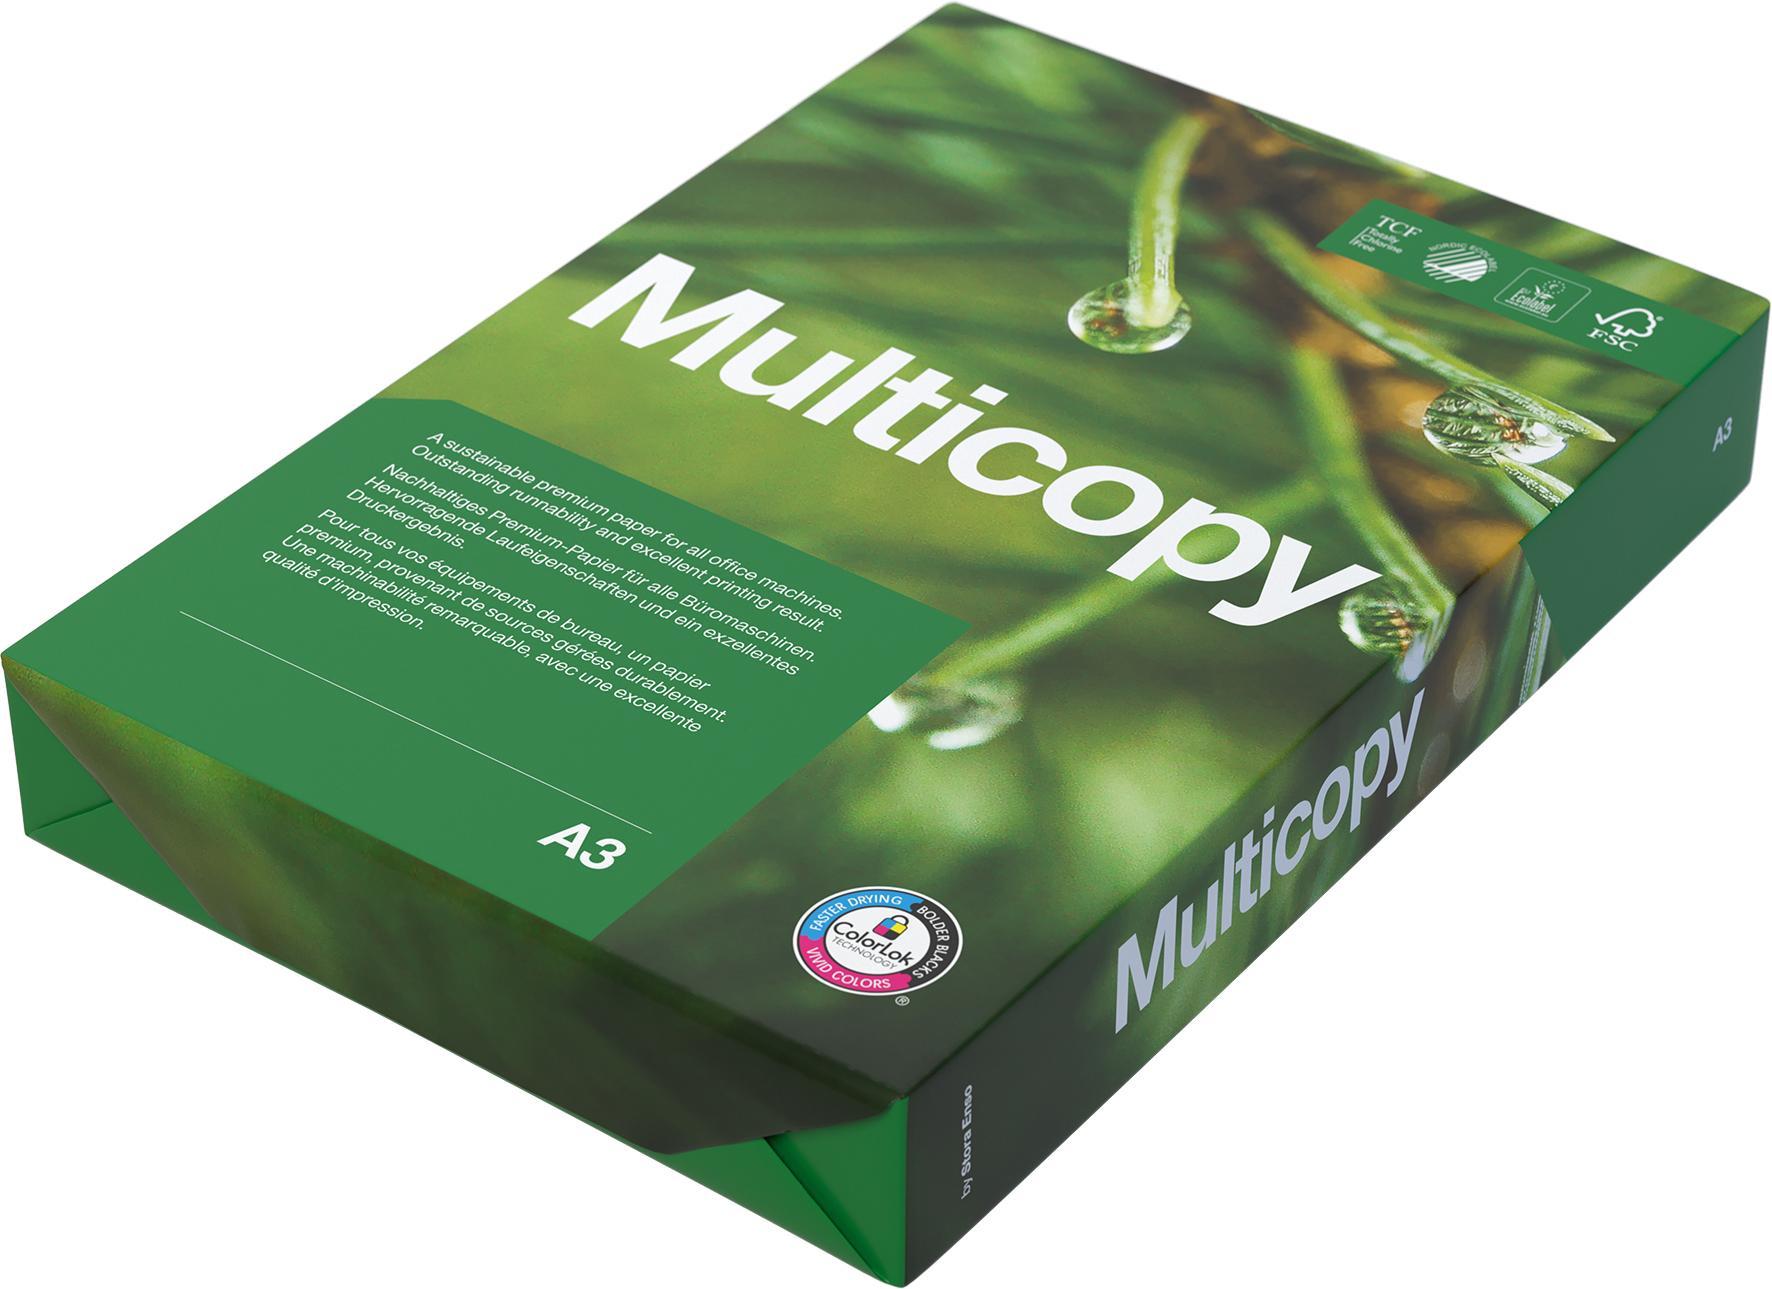 Kopieringspapper MultiCopy A3 OHÅLAT 80g 500st/paket